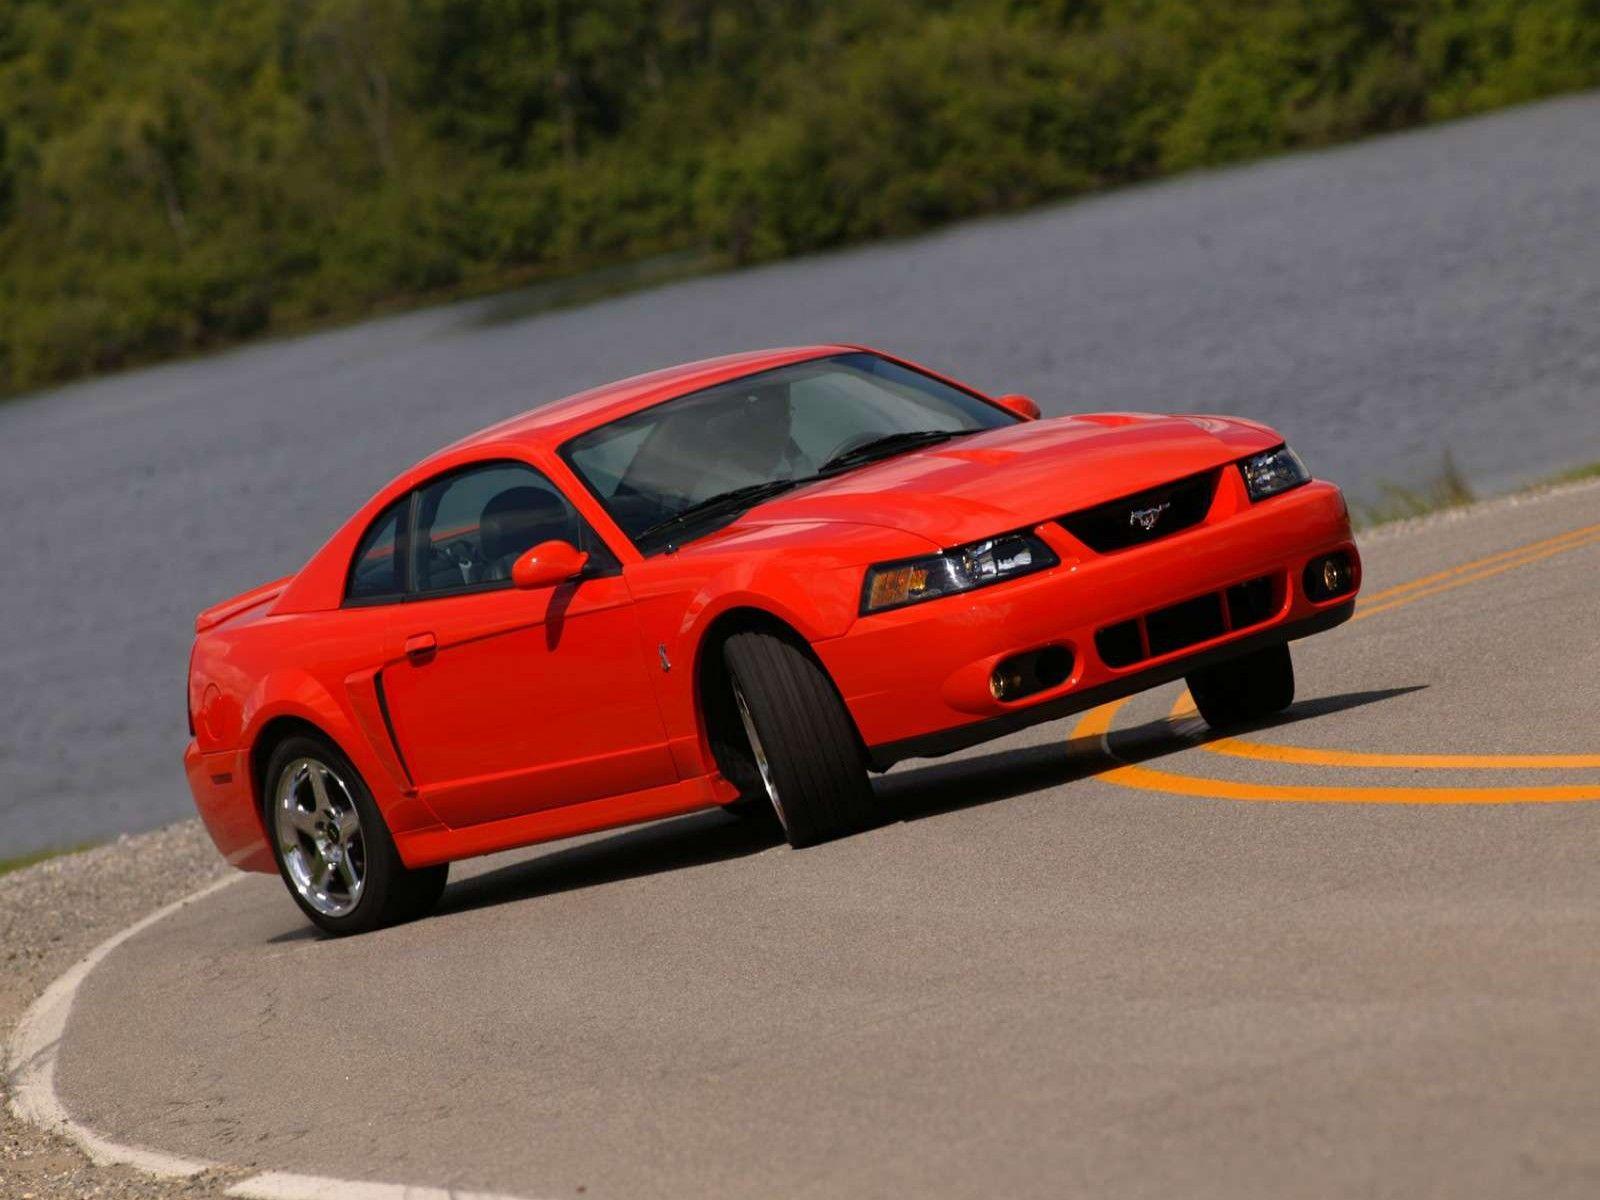 2004 Ford Mustang Svt Cobra Wallpapers Mustangspecs Com